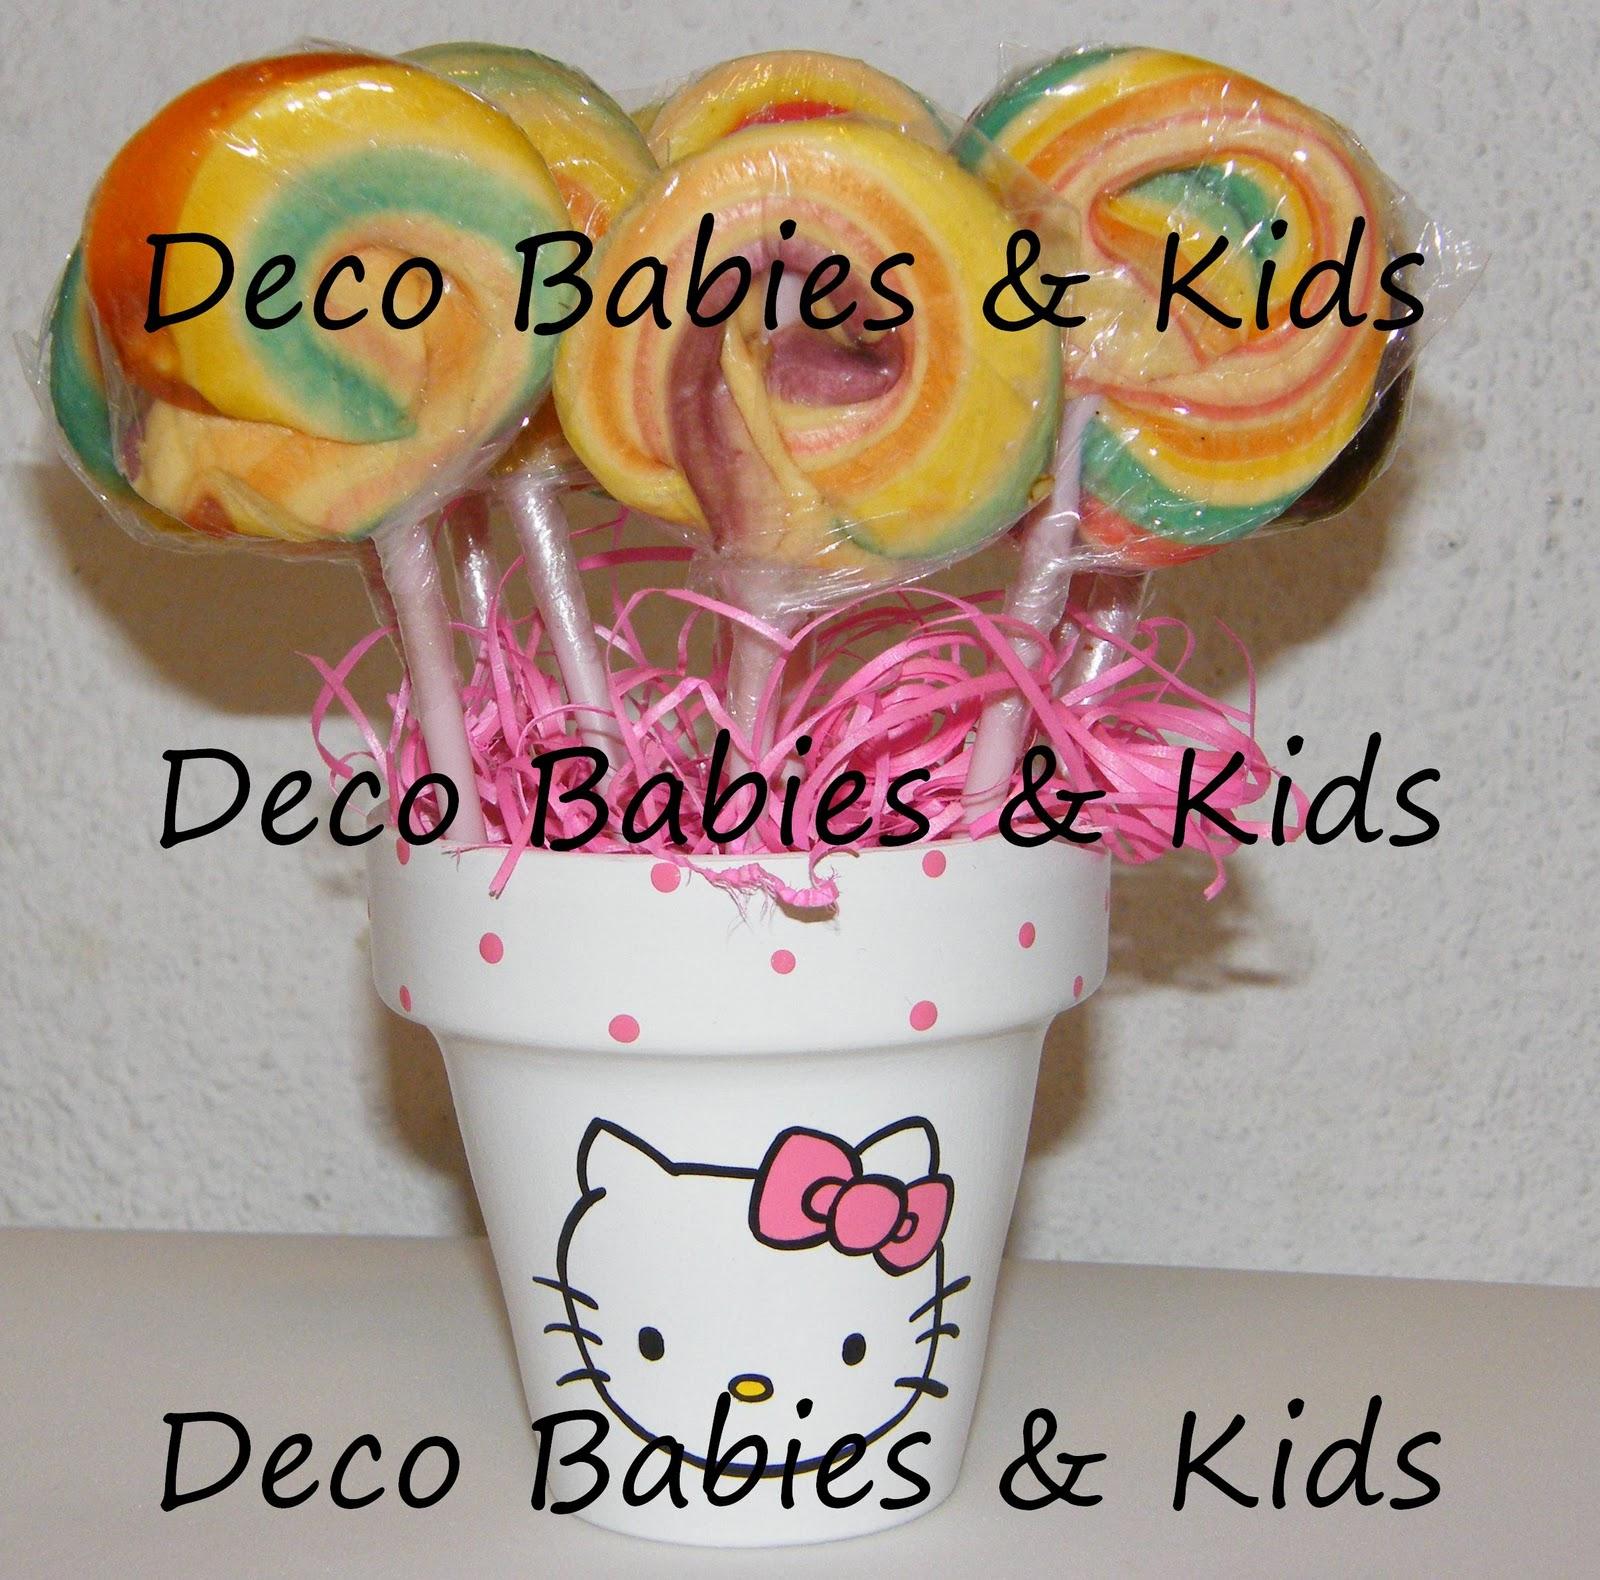 Publicado Por Deco Babies   Kids En 5 42 P  M